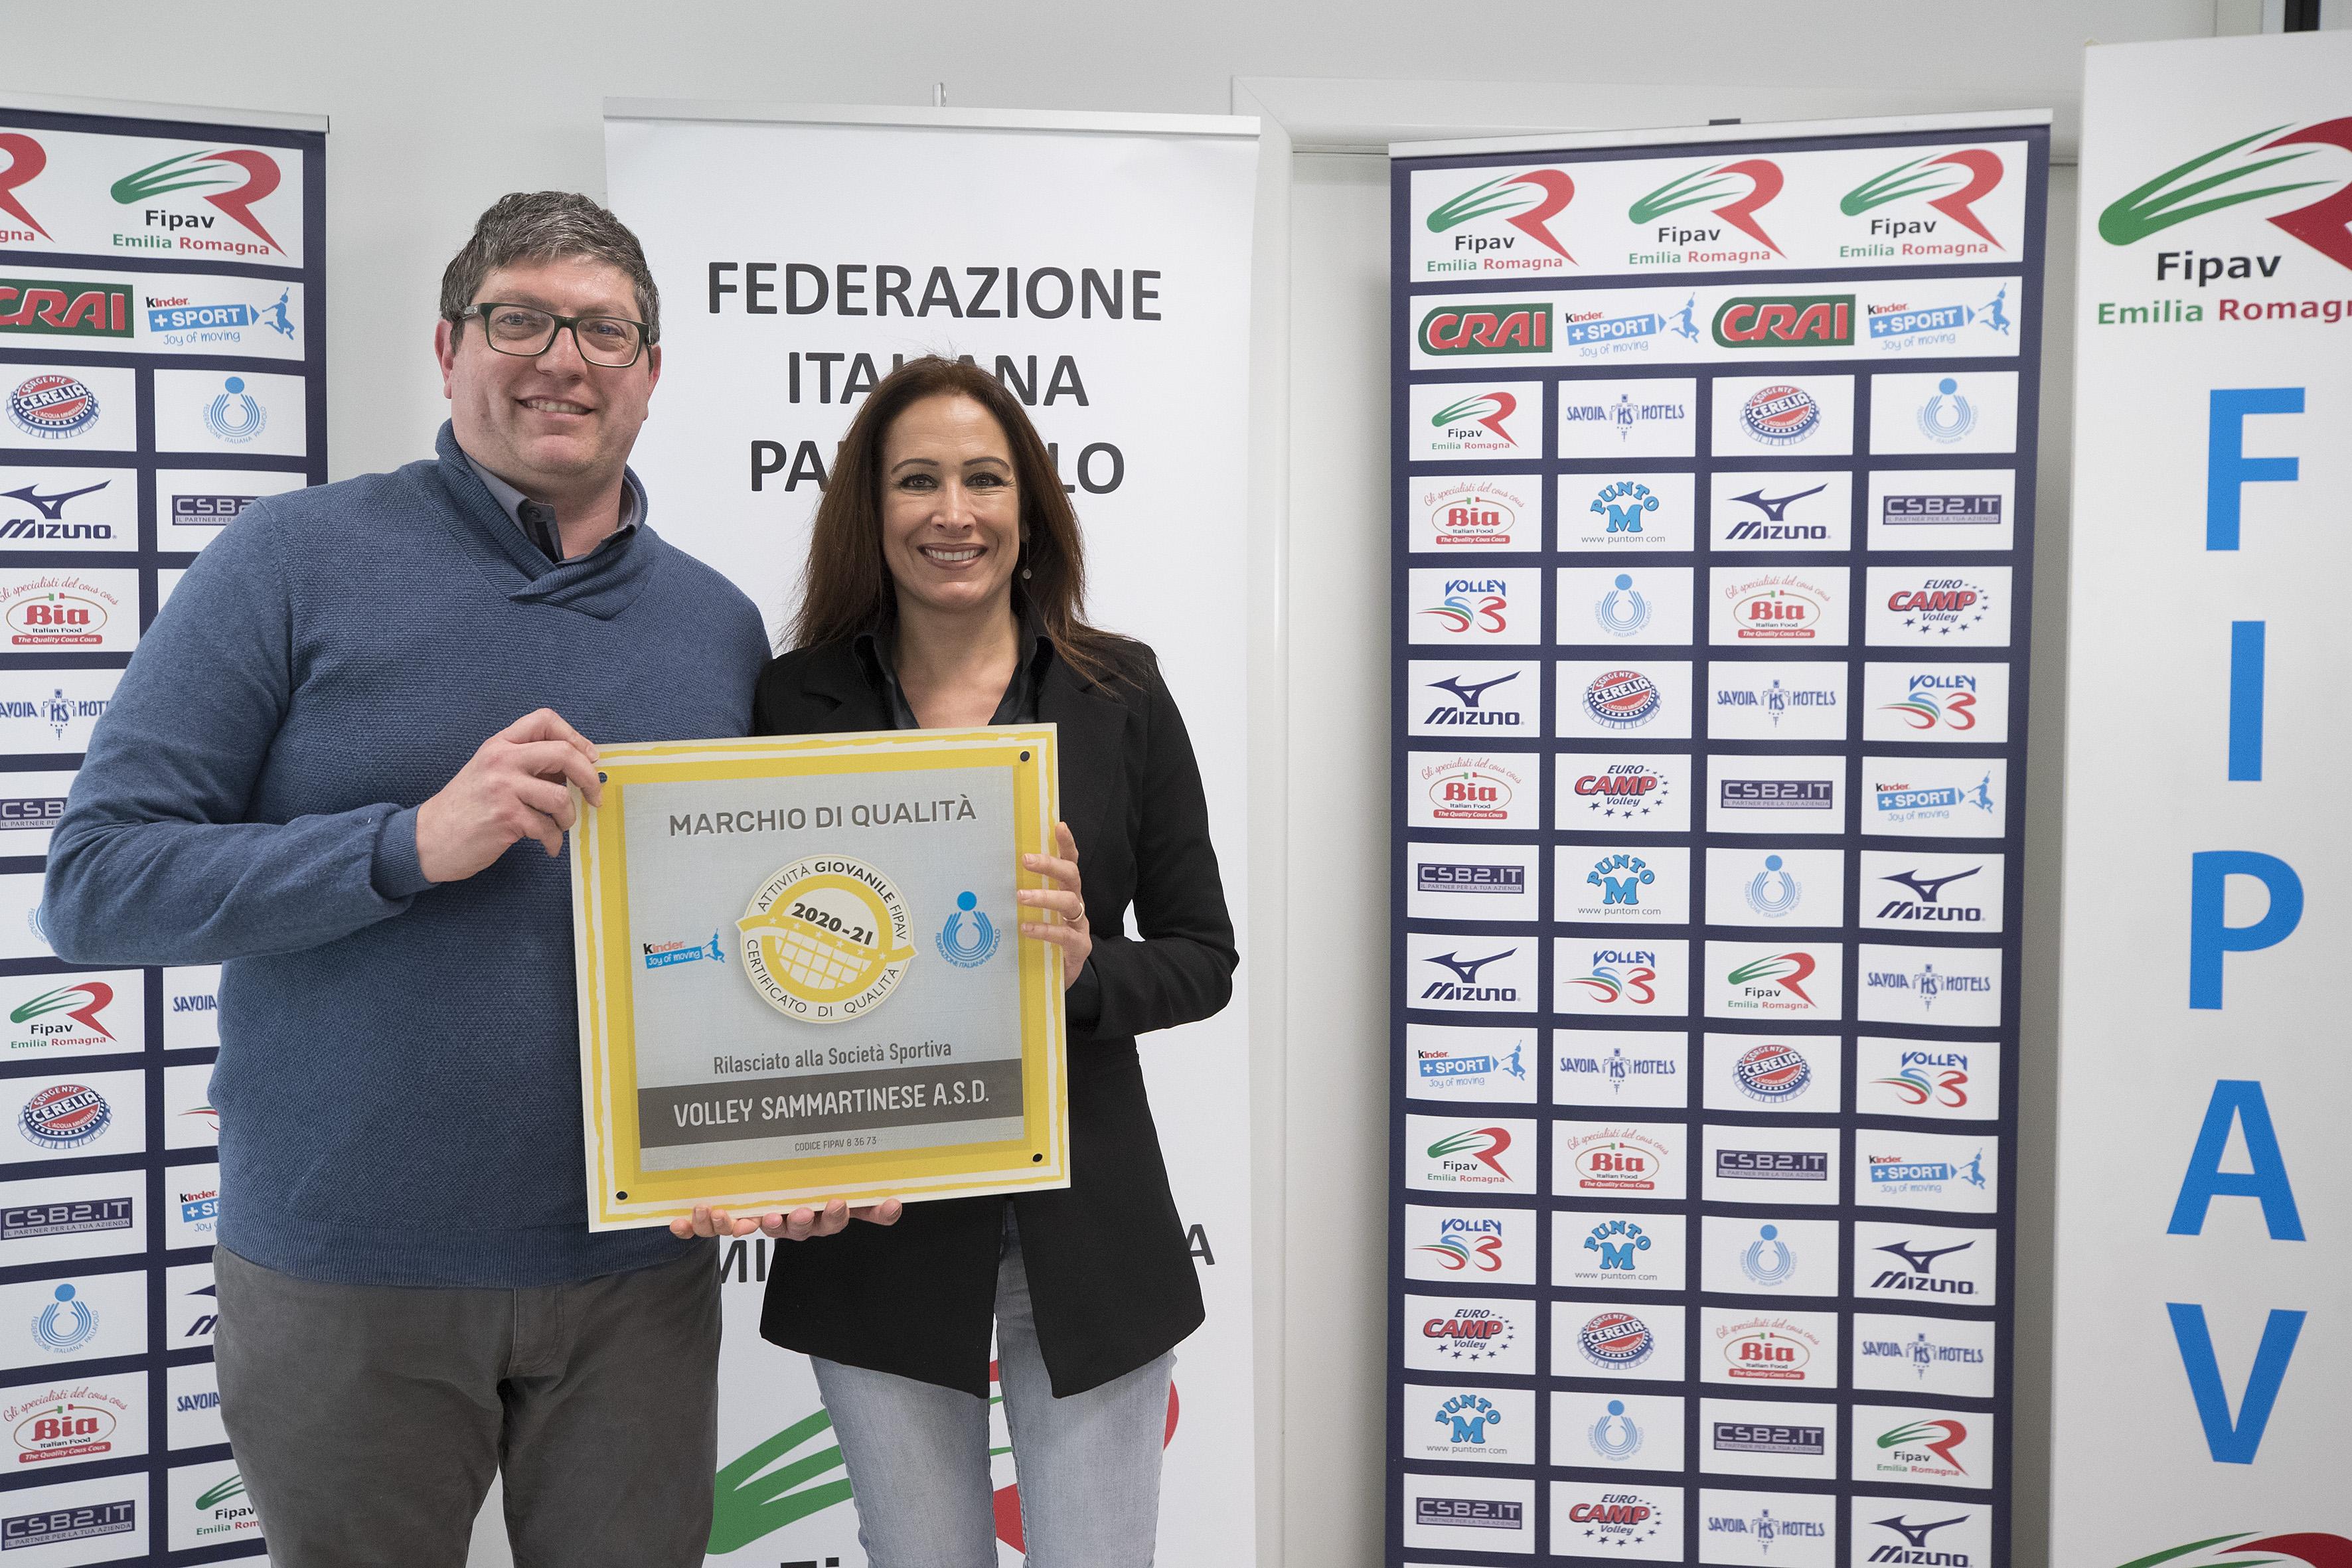 FIPAV EMILIA ROMAGNA - Premiazione marchi di qualità